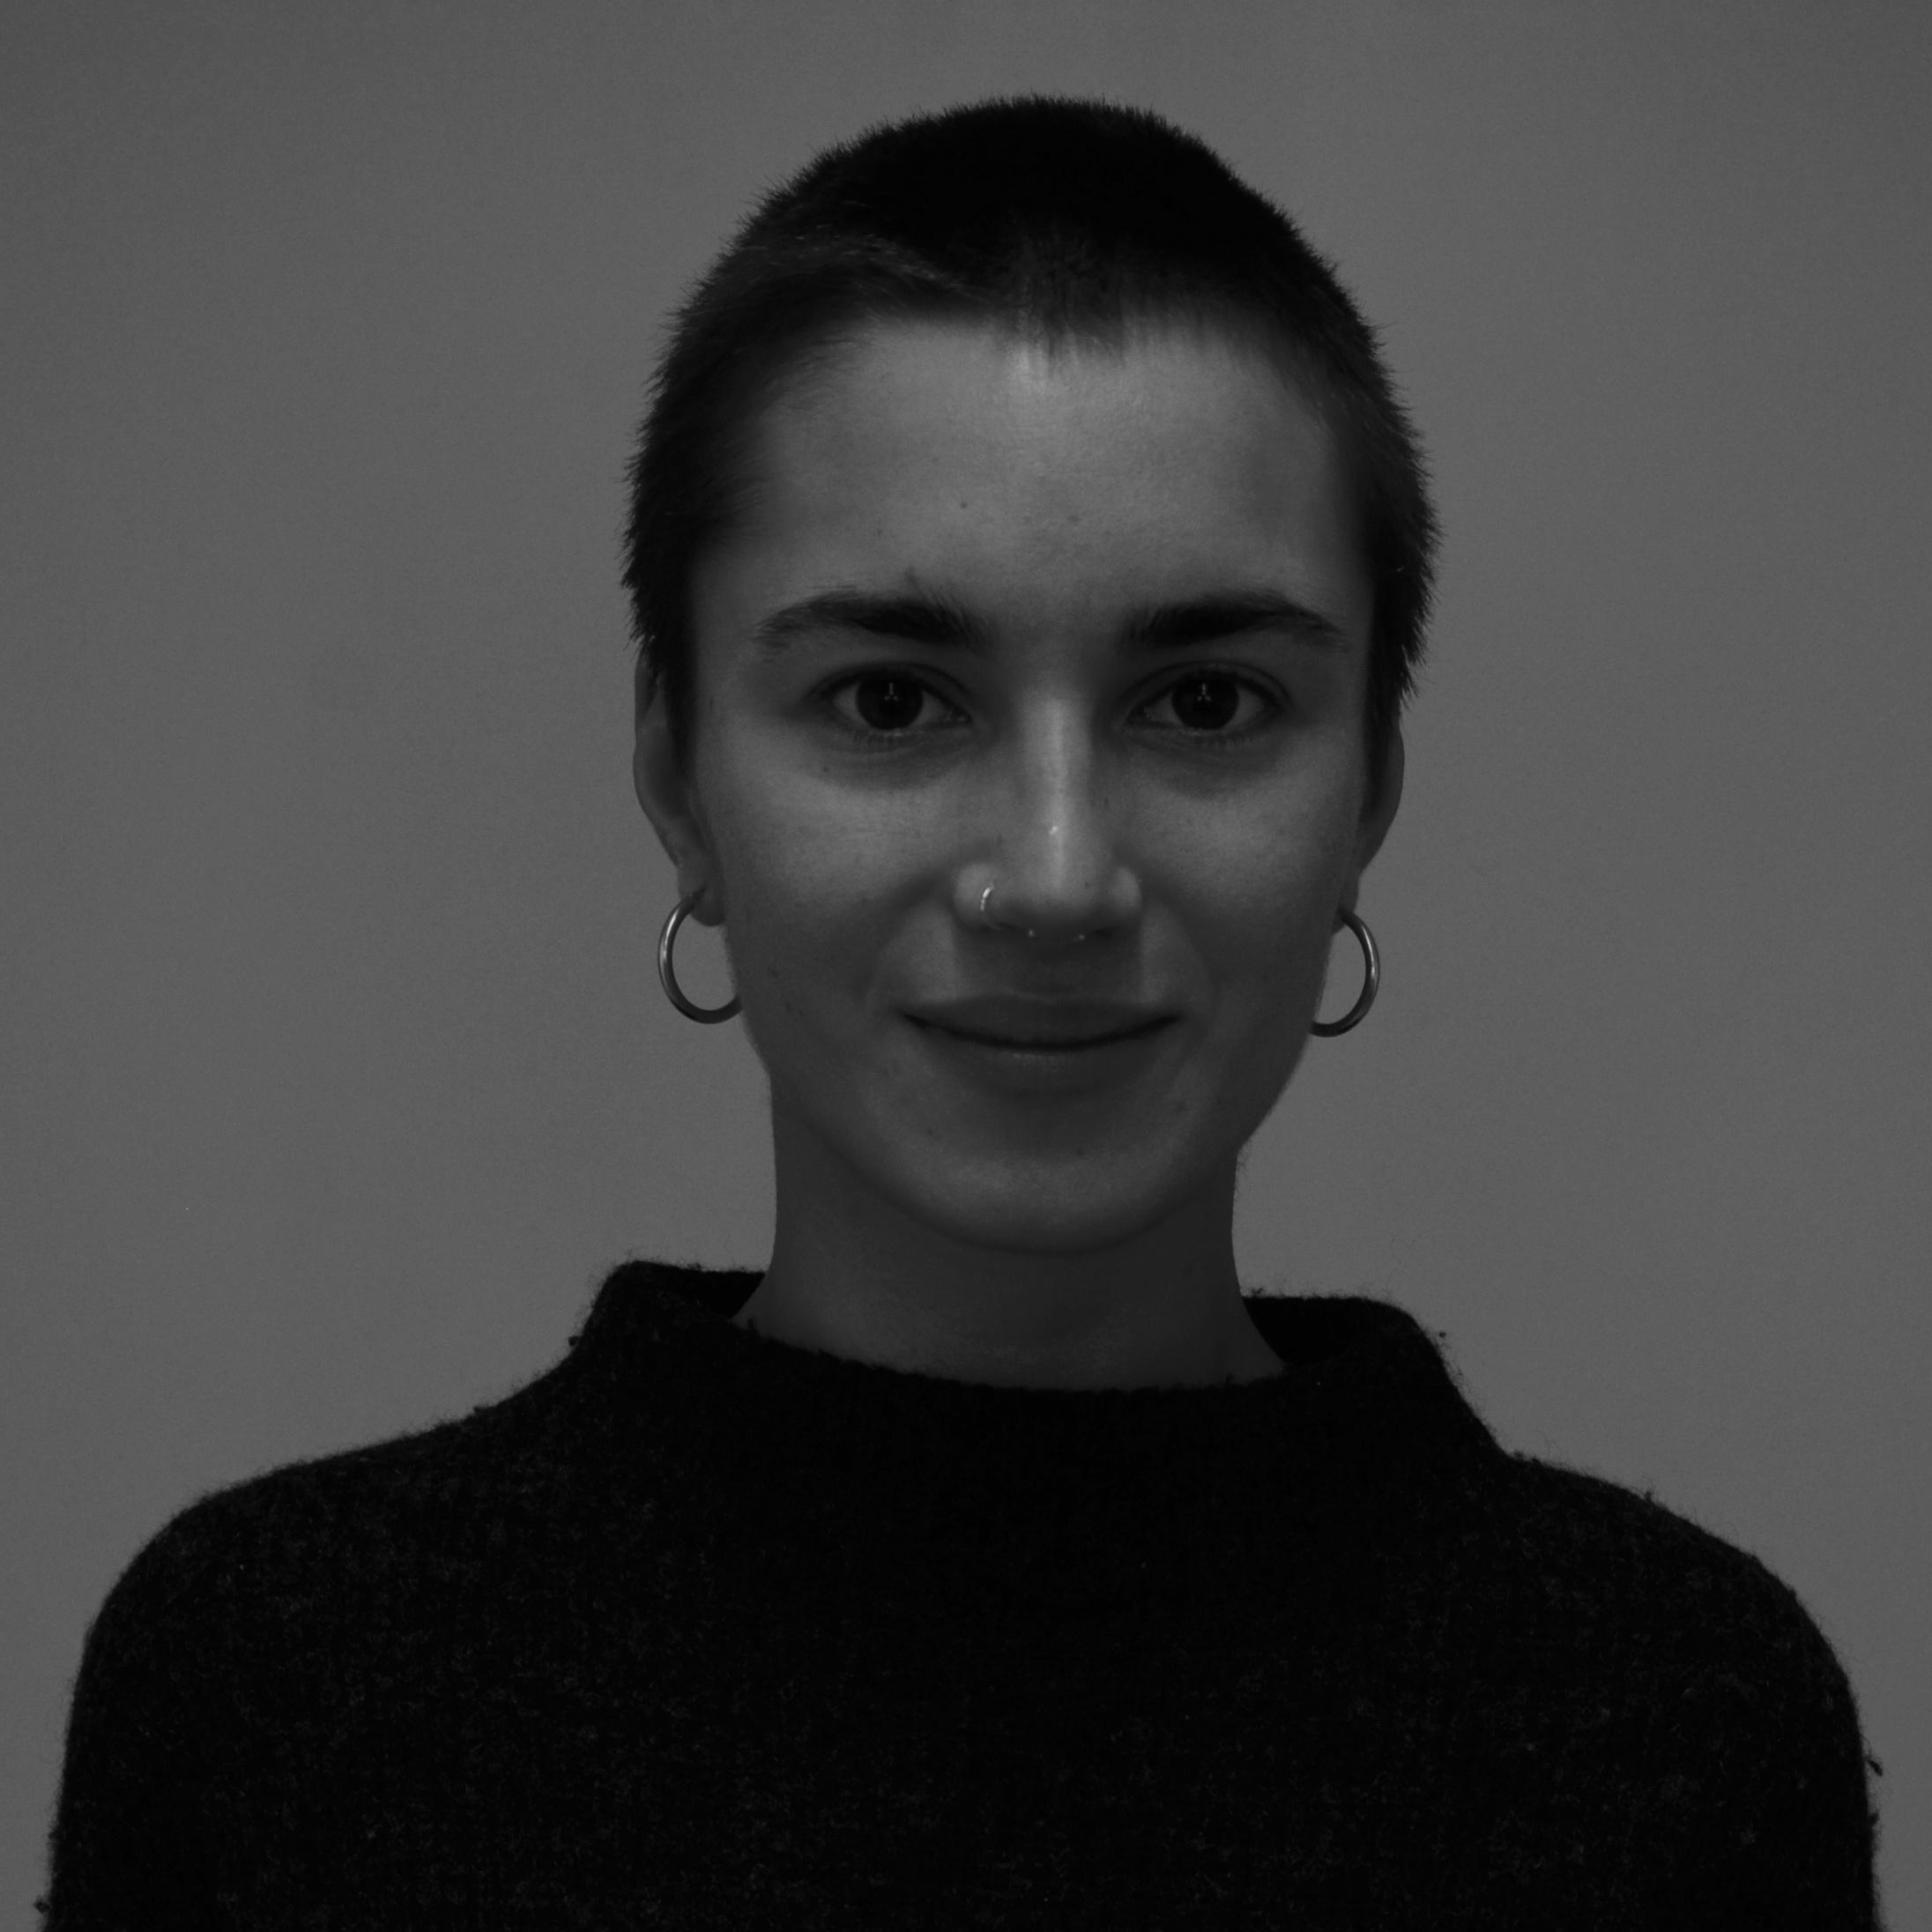 Gina Dellagiacoma